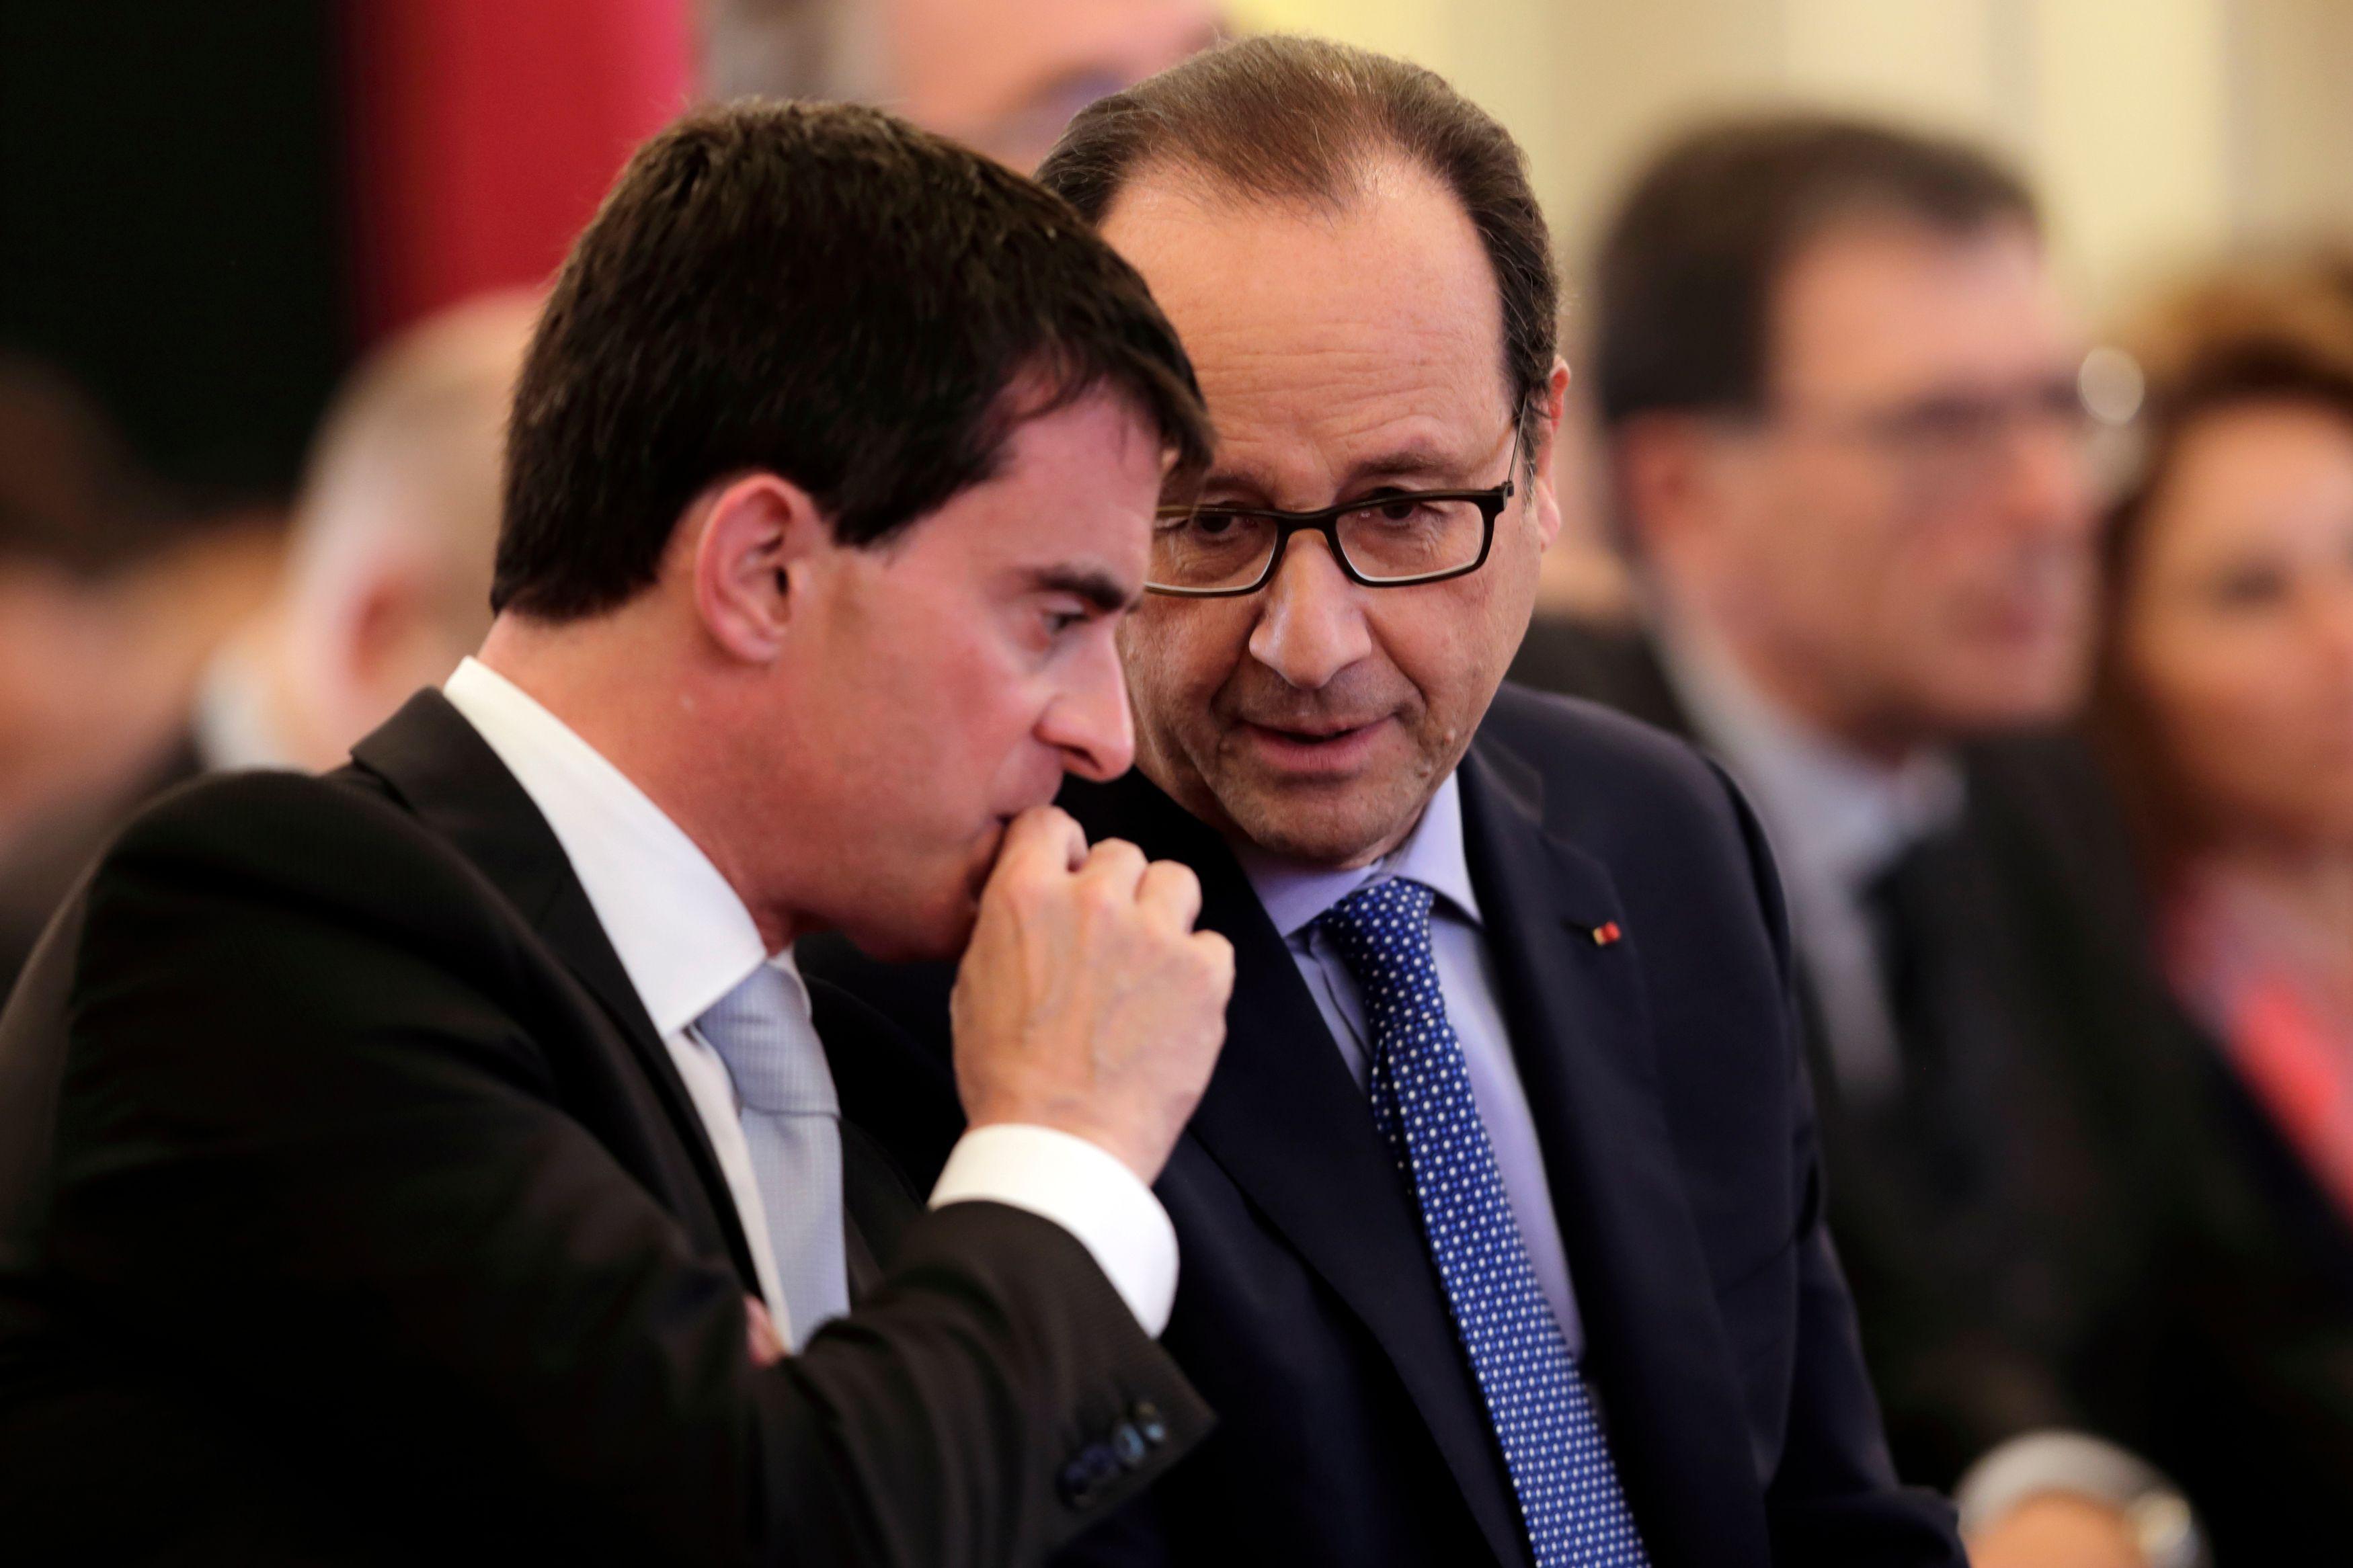 Les ravages du simplisme : quand Valls et Hollande tombent dans l'indignité en dénonçant celle de leurs opposants au mépris de toute analyse de fond